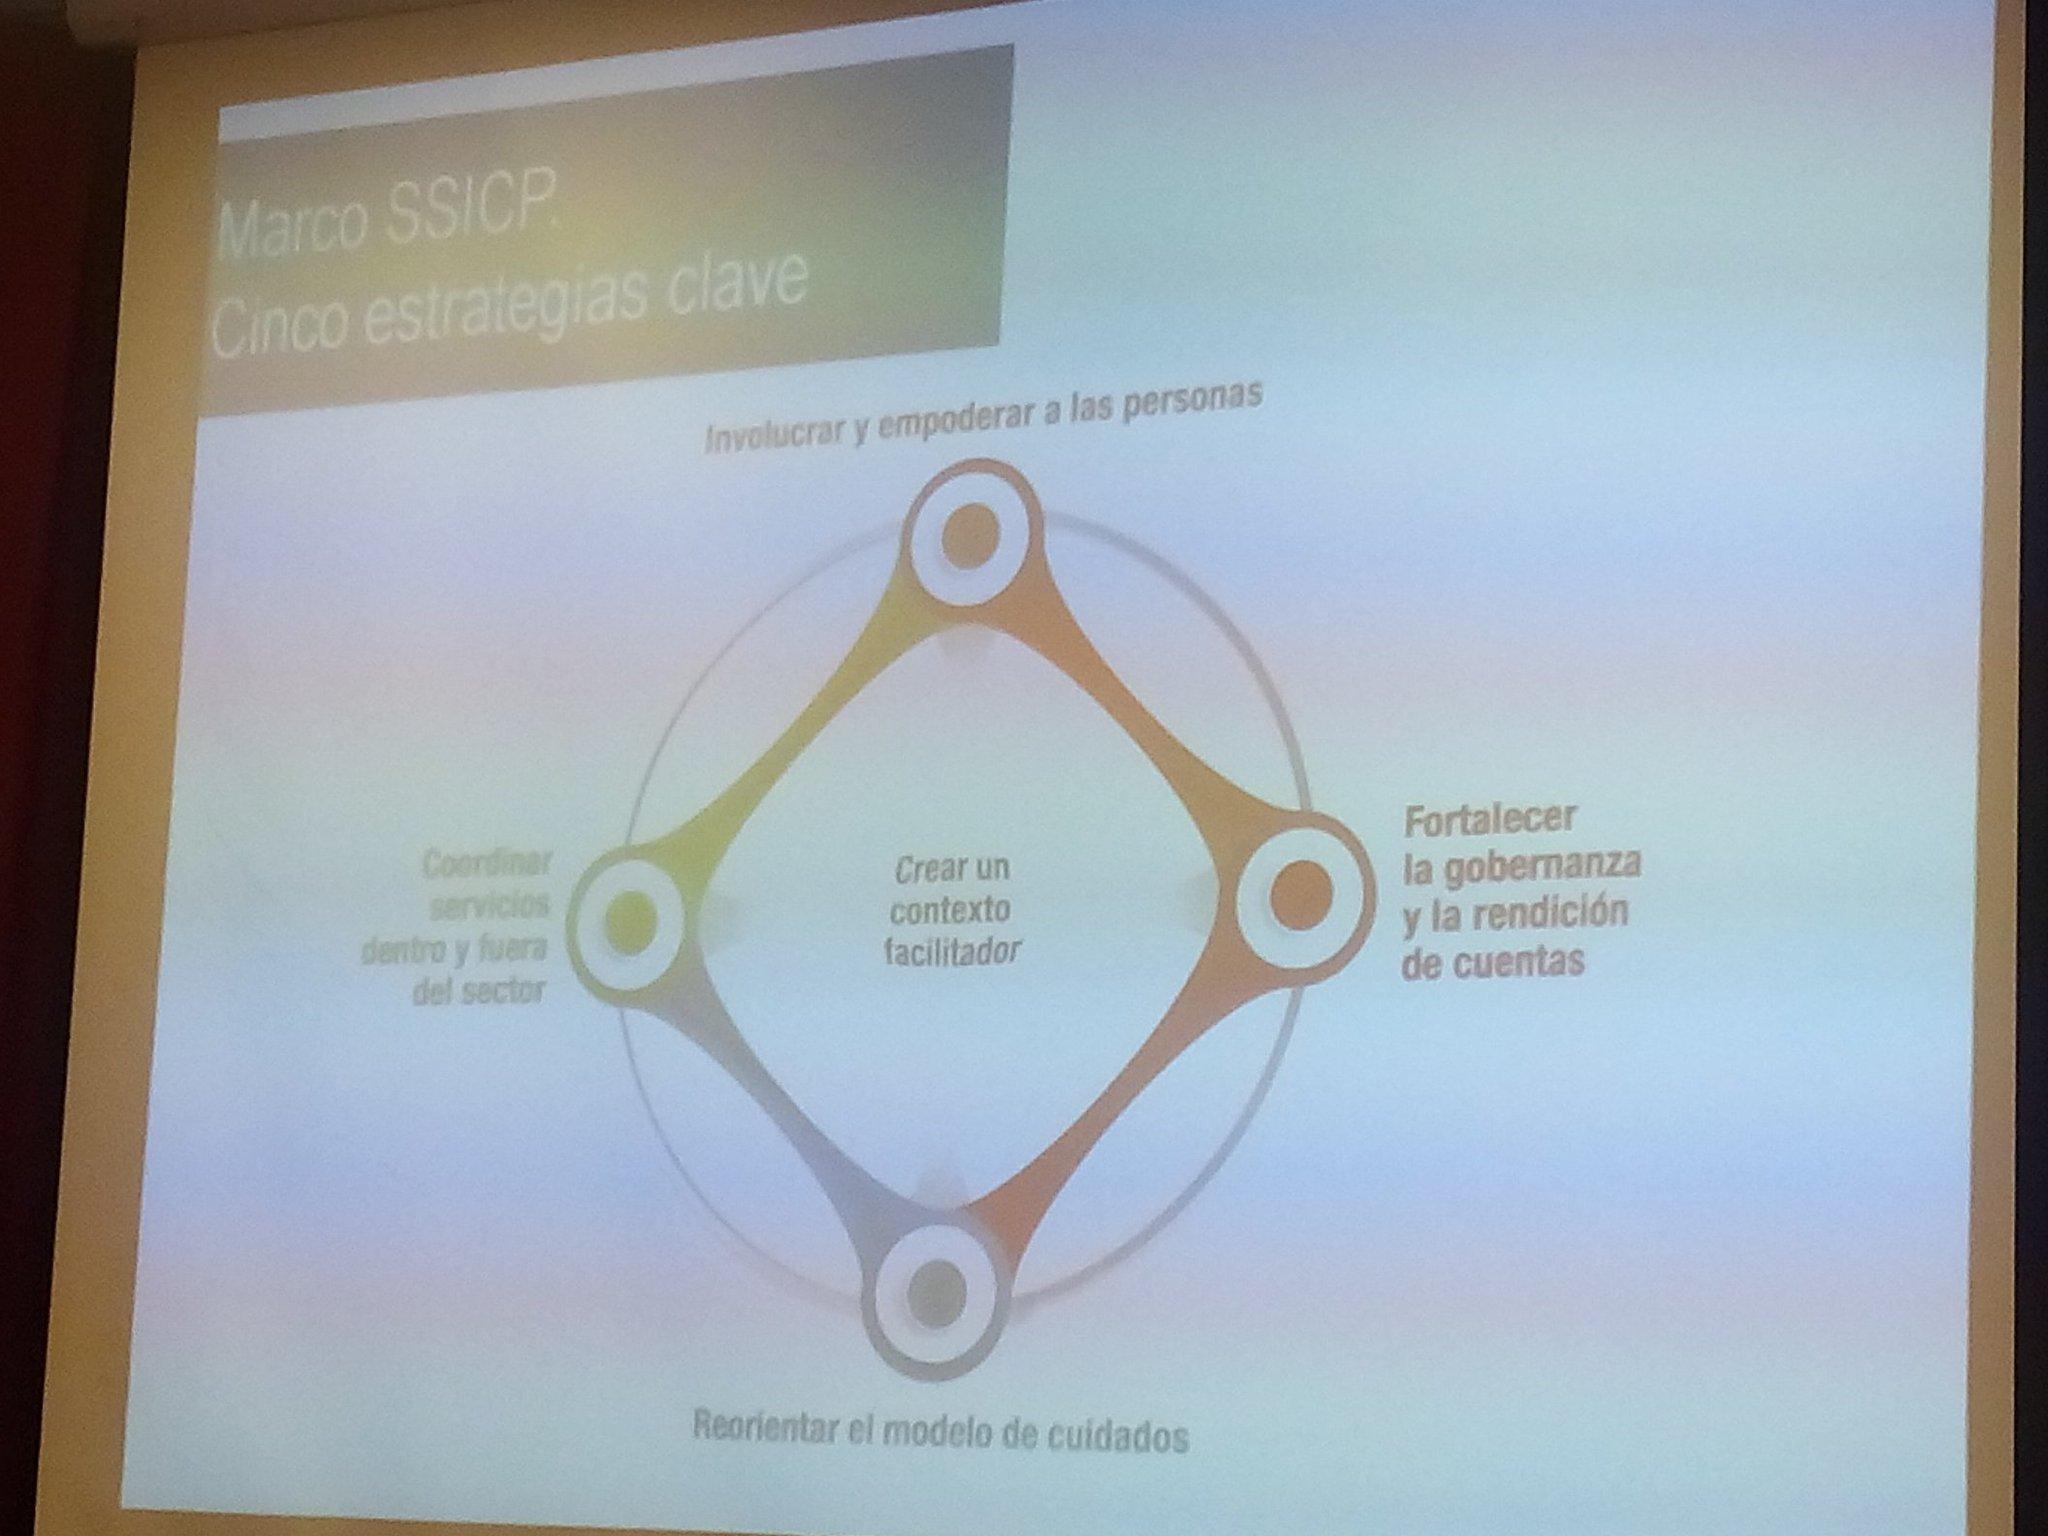 5 estrategias claves de la @WHO  para la Atencion Integrada y centrada en las personas #ehealthdonostia https://t.co/5CLzkckAcj